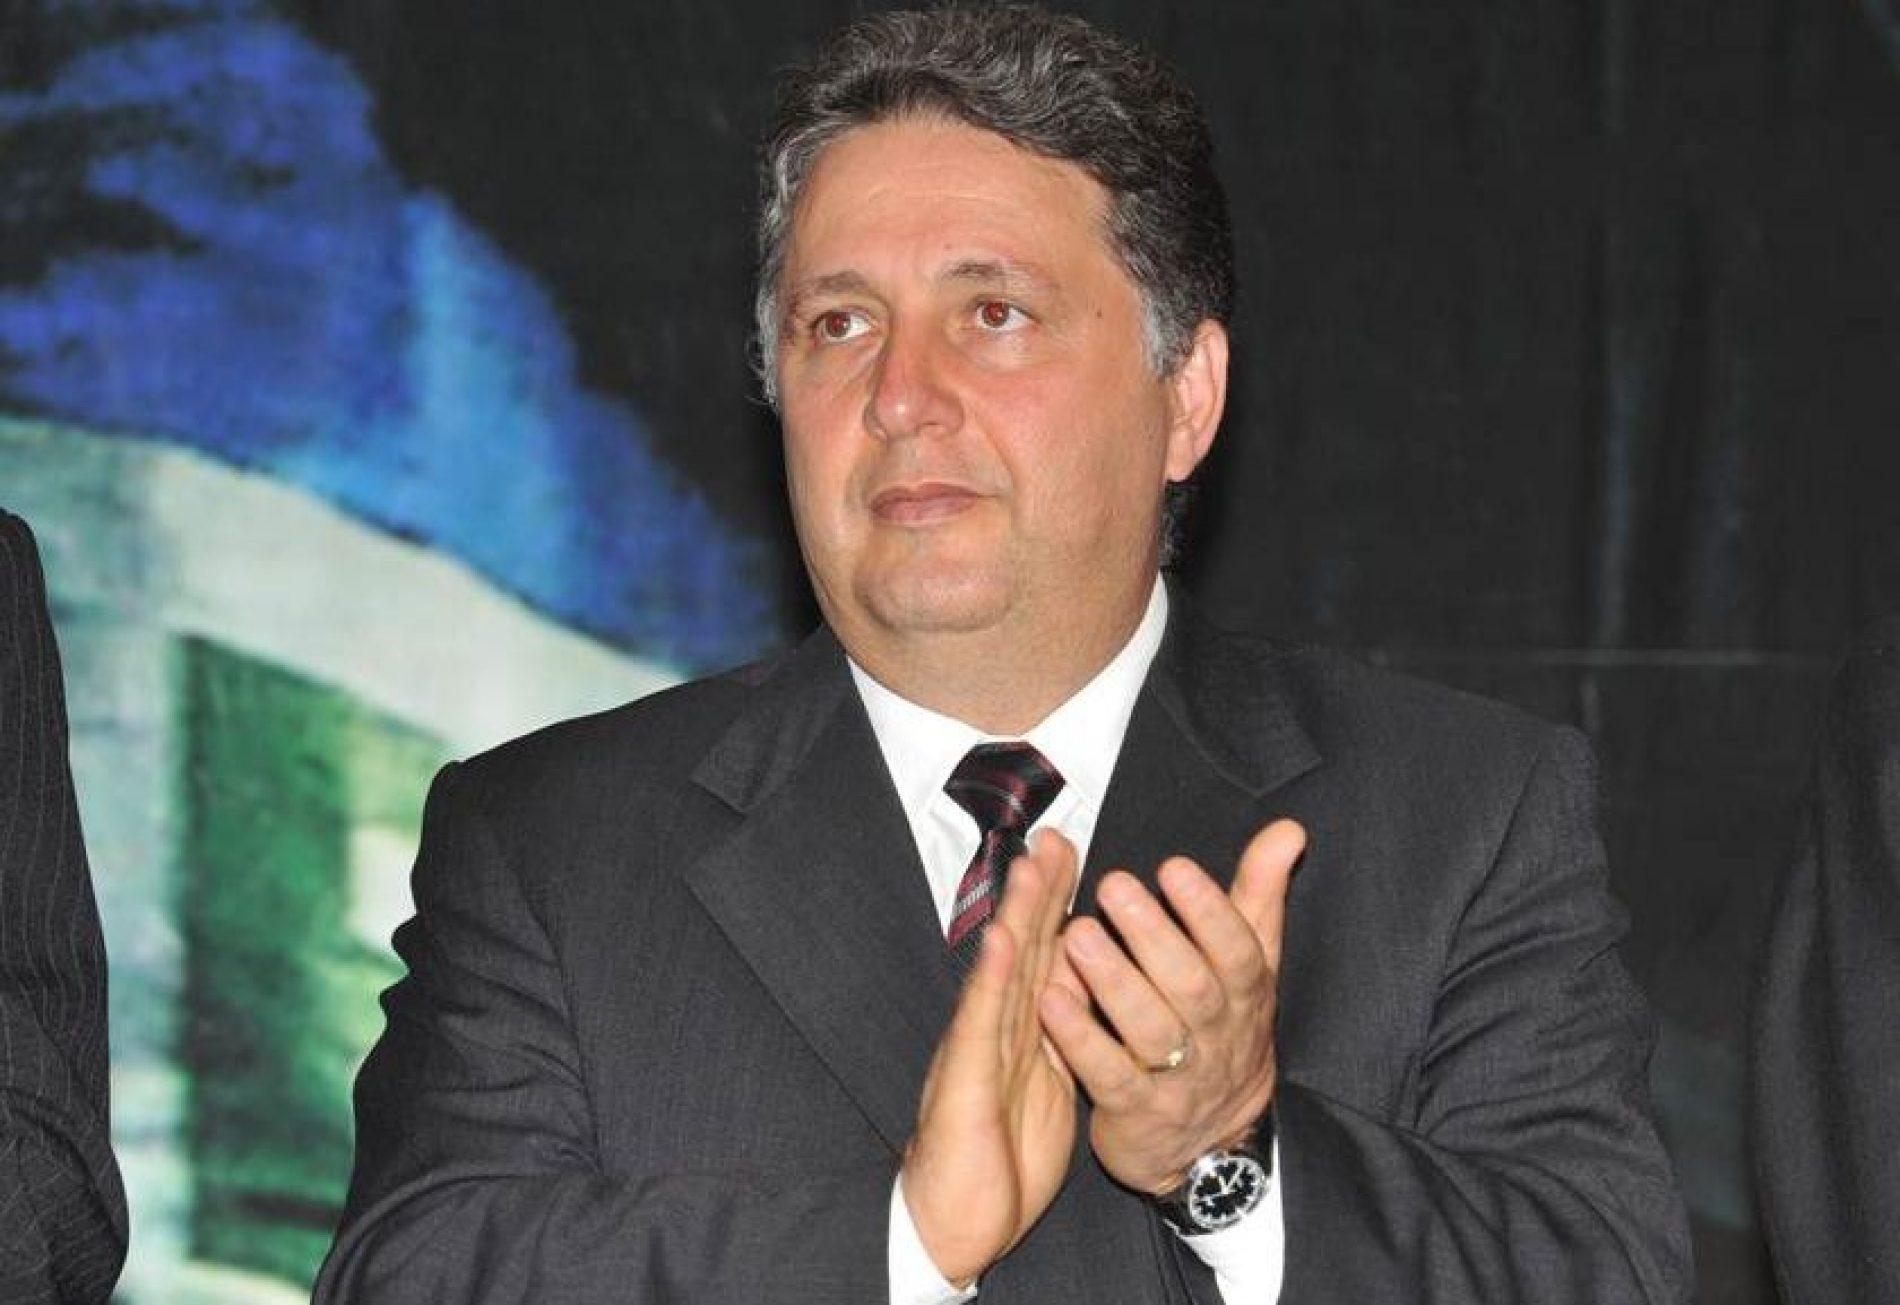 Polícia Federal prende o ex-governador do Rio Anthony Garotinho